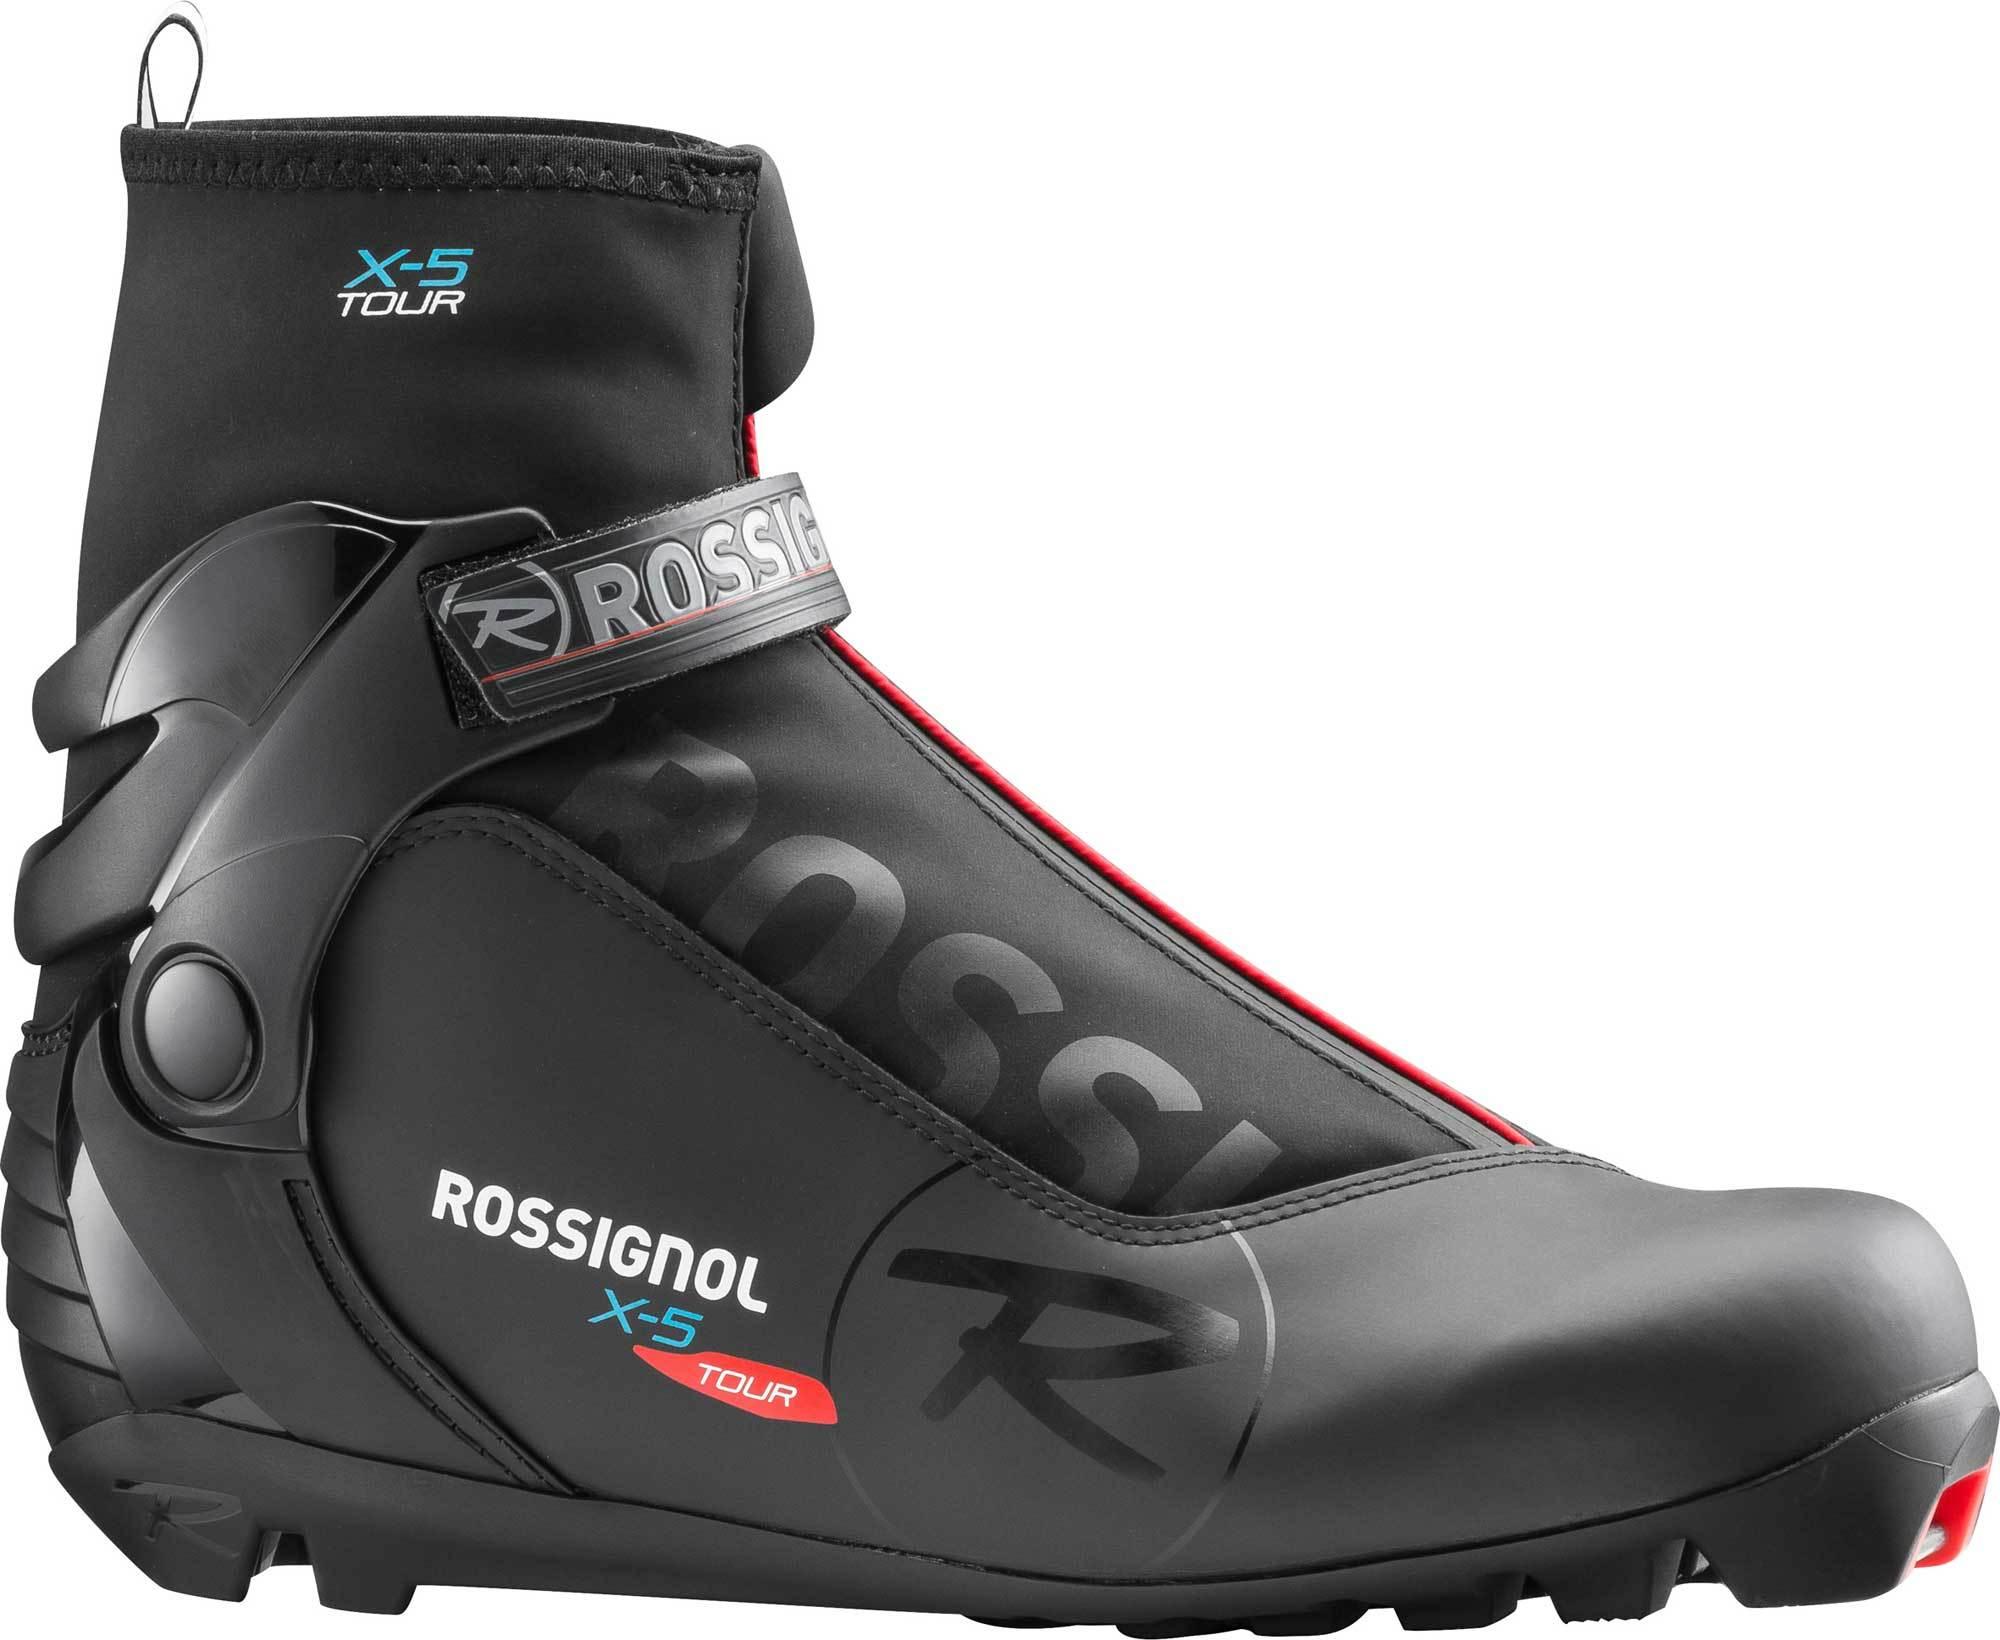 Rossignol X-5 46